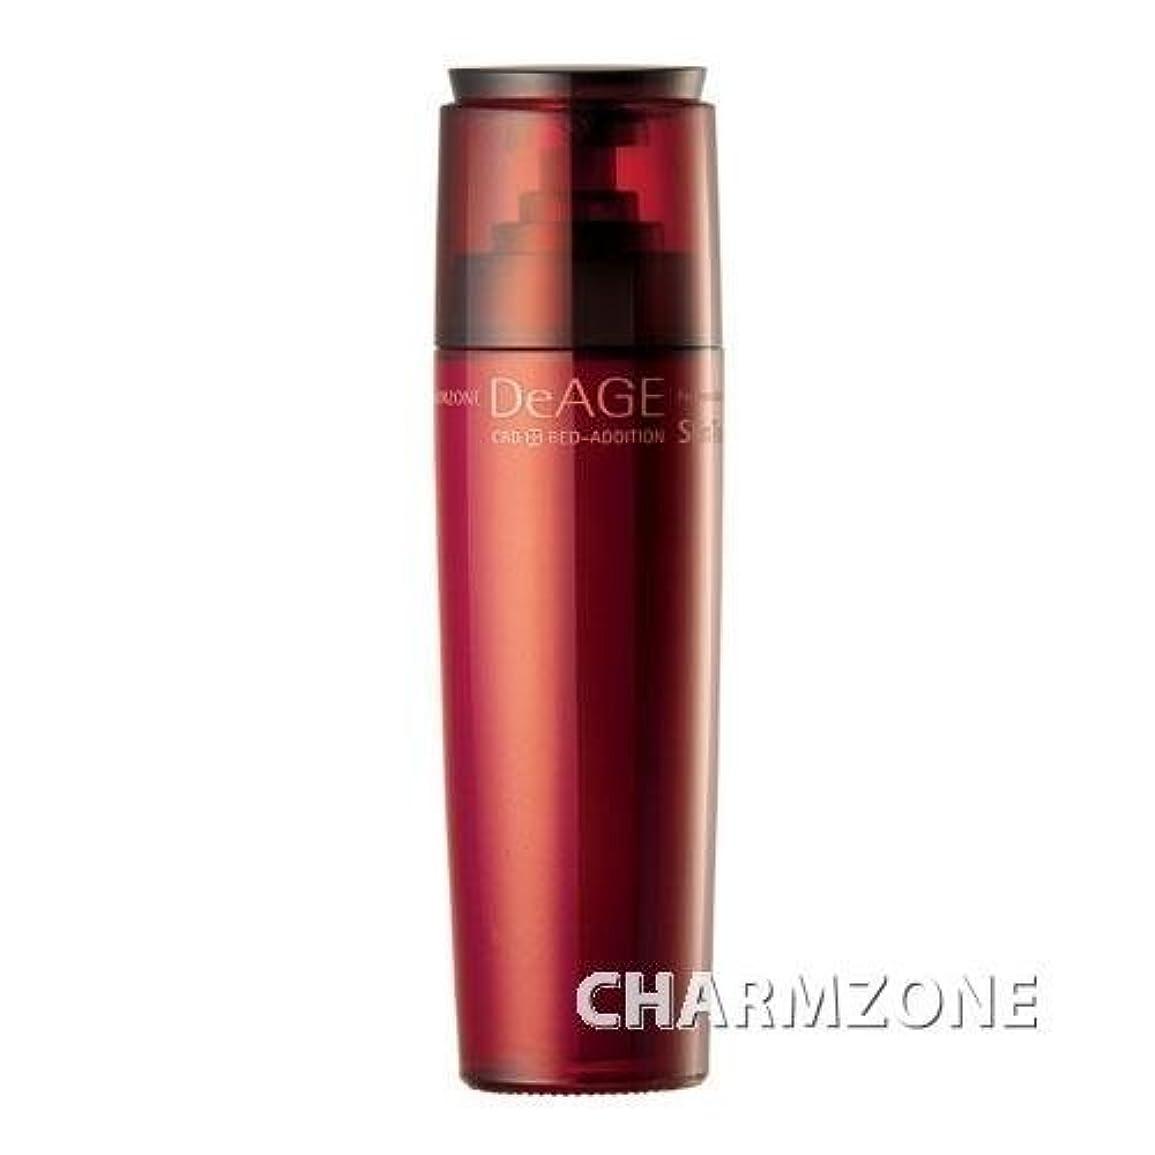 広告主に賛成慣習CHARMZONE DeAGE RED-ADDITION Skin Toner [Korean Import]